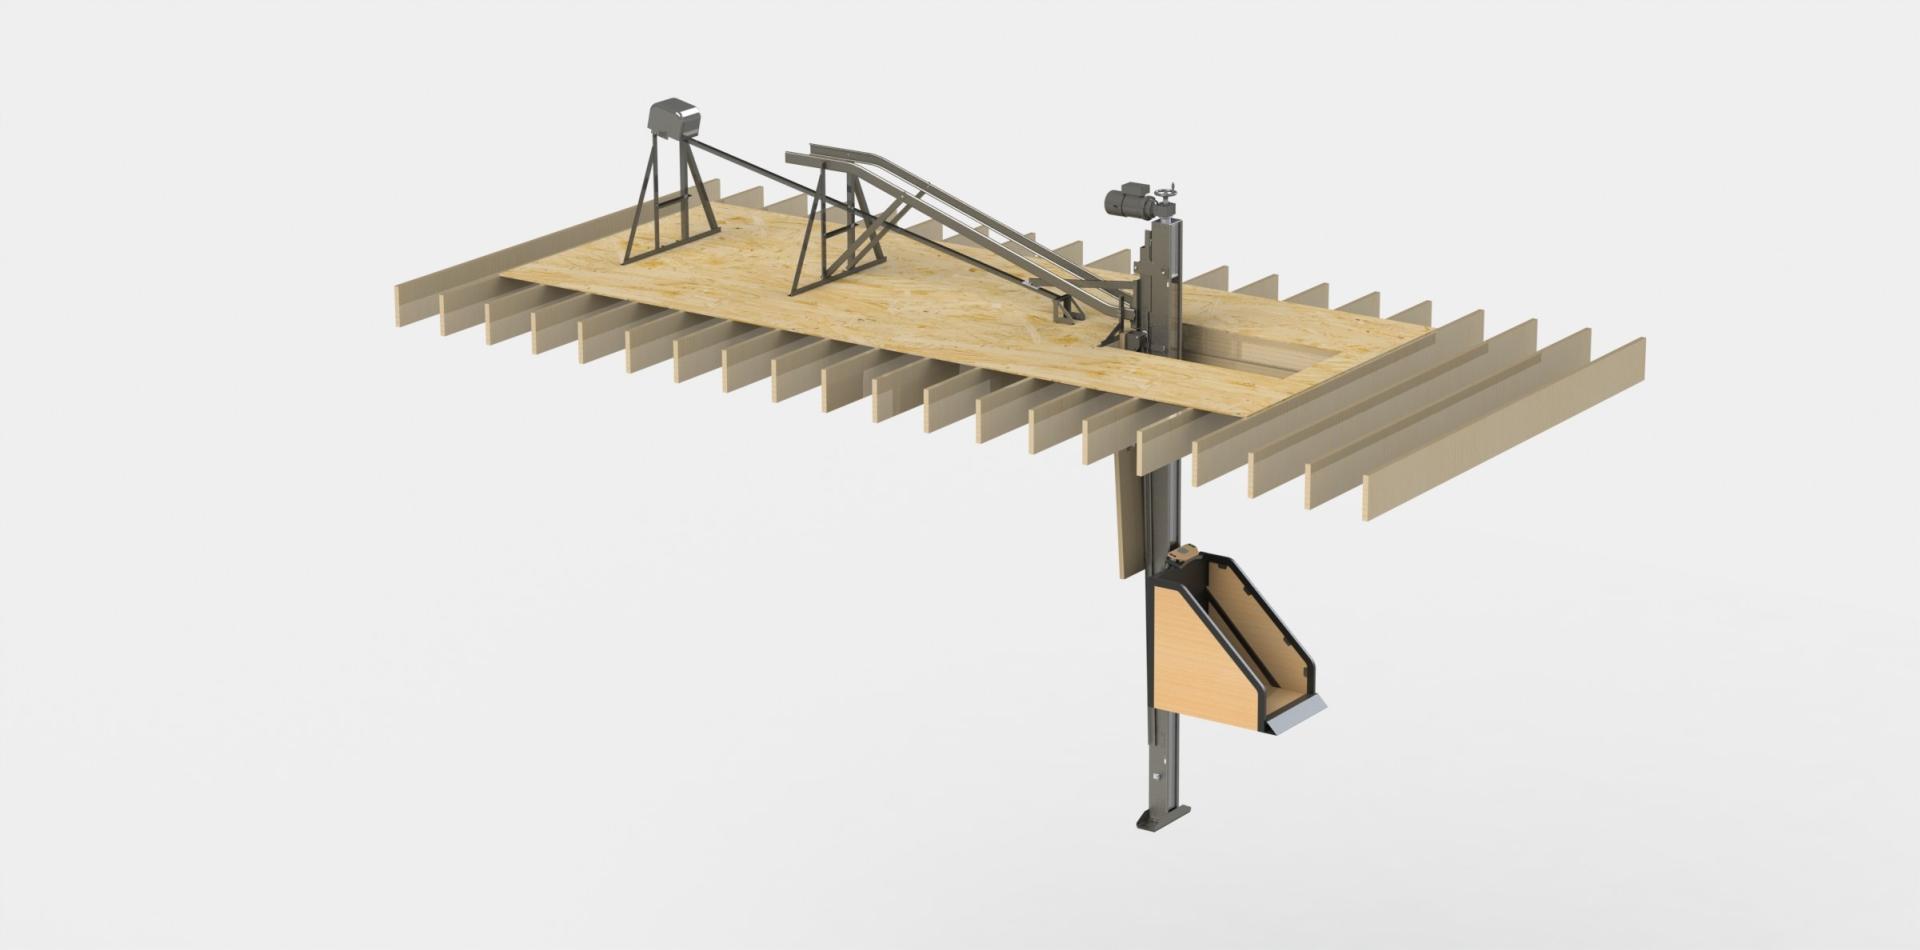 Stowaway Attic Lift